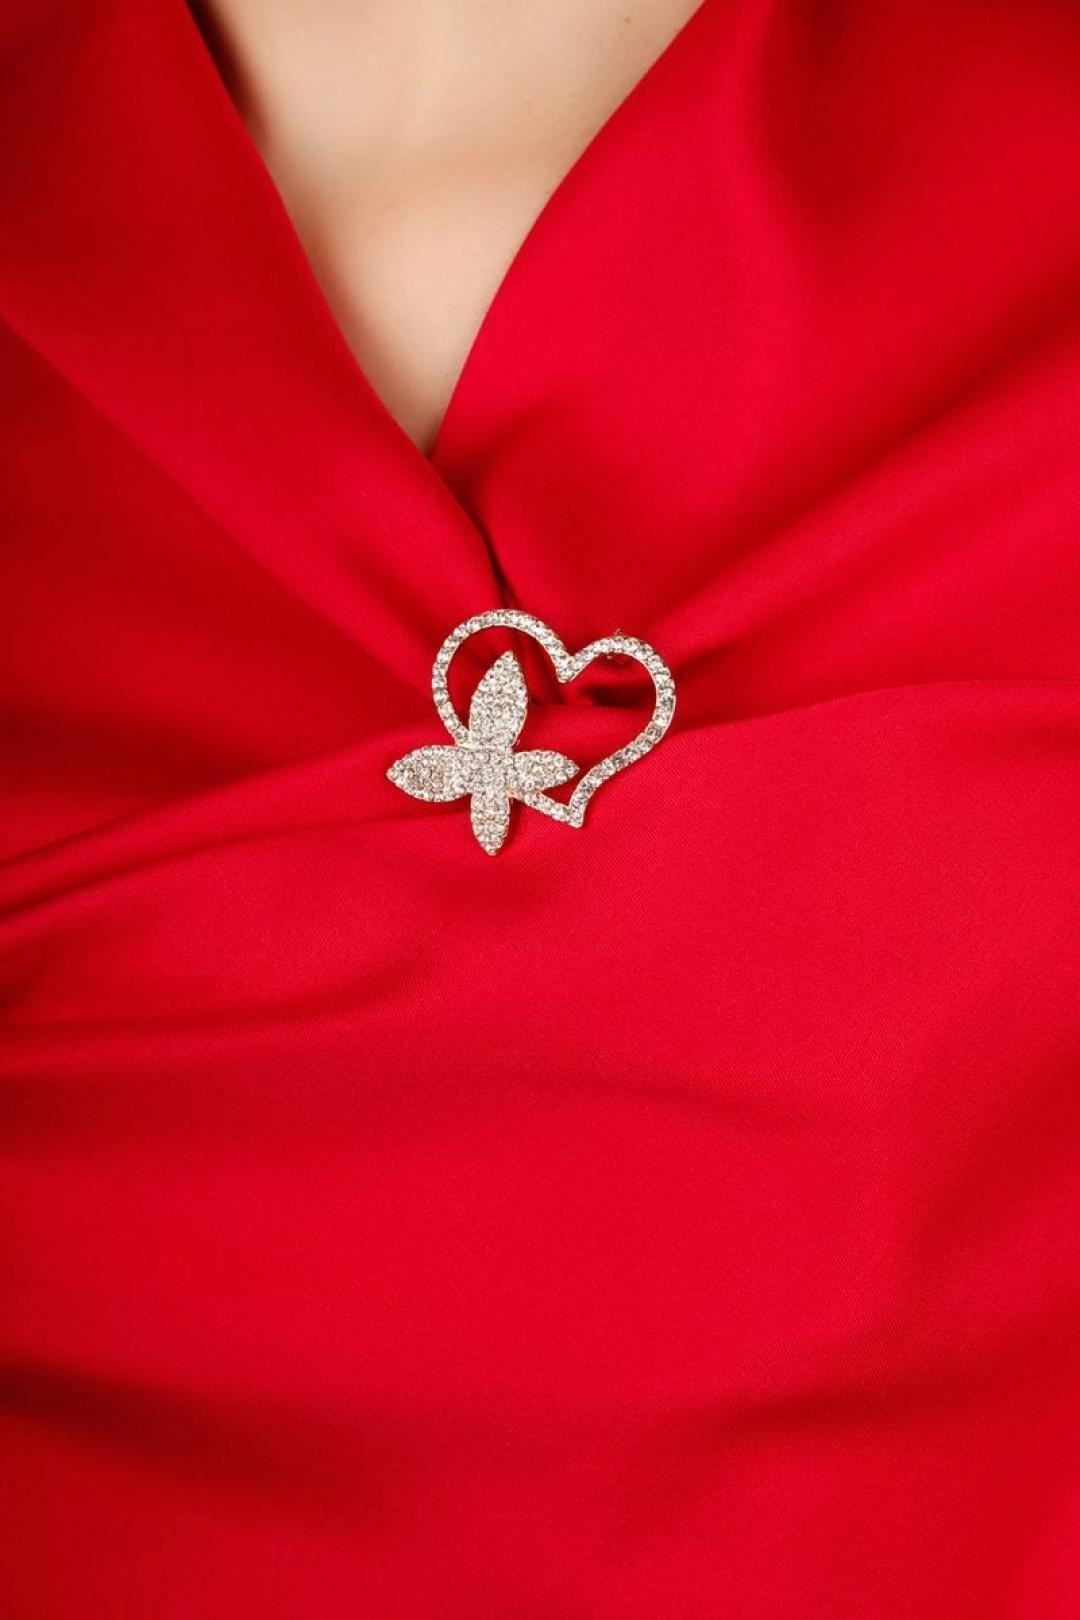 Gold Parlak Taşlı Kalpli Trend Tasarım Bayan Broş